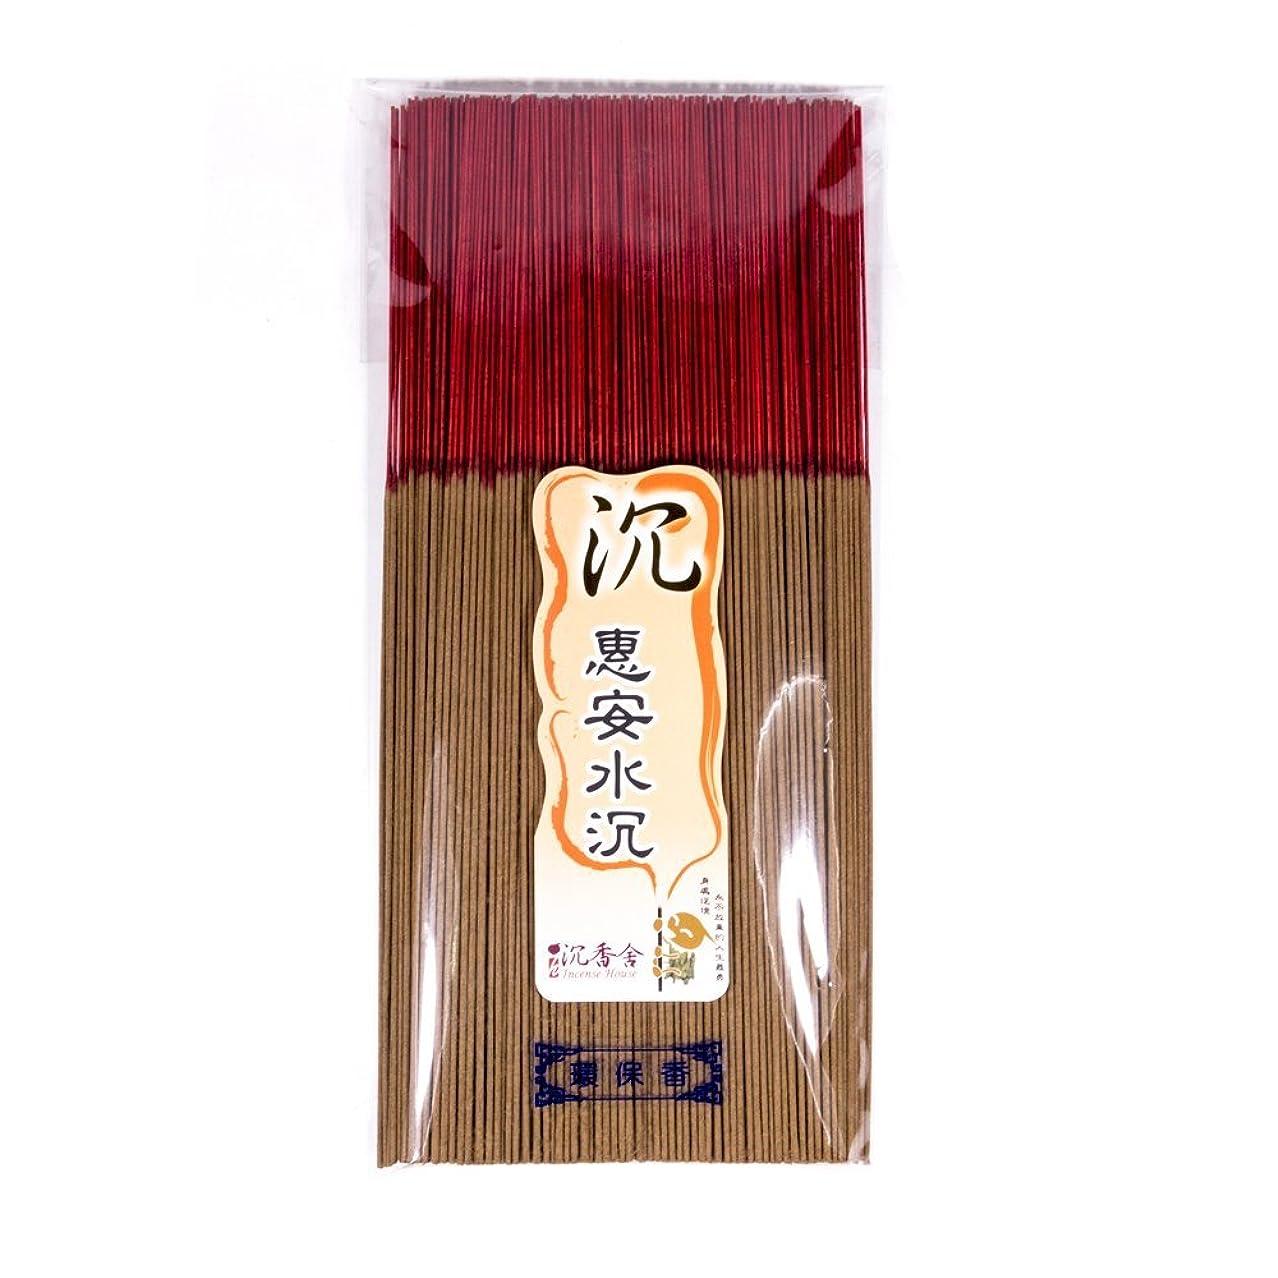 クアッガ起きての間に台湾沉香舍 惠安水沈香 台湾のお香家 - 沈香 30cm (木支香) 300g 約400本